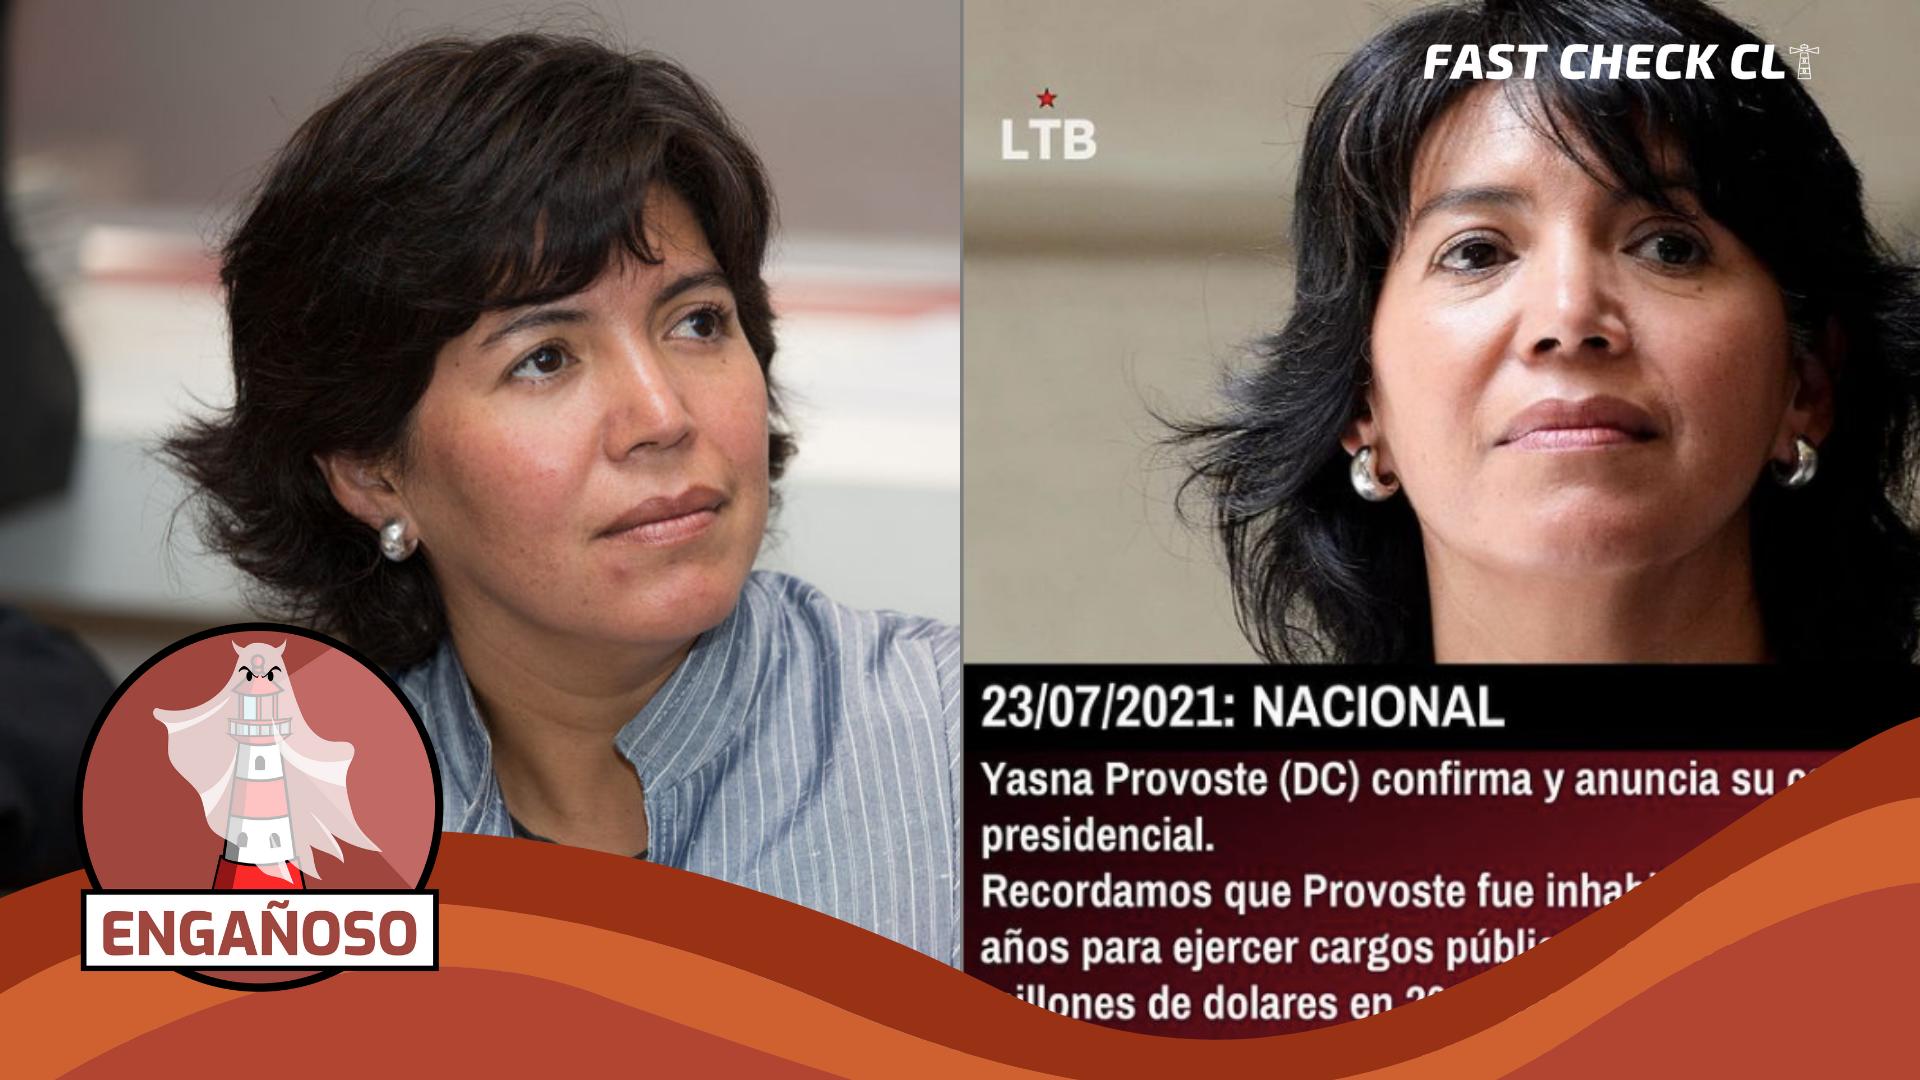 """Read more about the article """"Yasna Provoste fue inhabilitada durante 5 años para ejercer cargos públicos luego de robar 600 millones de dólares"""": #Engañoso"""